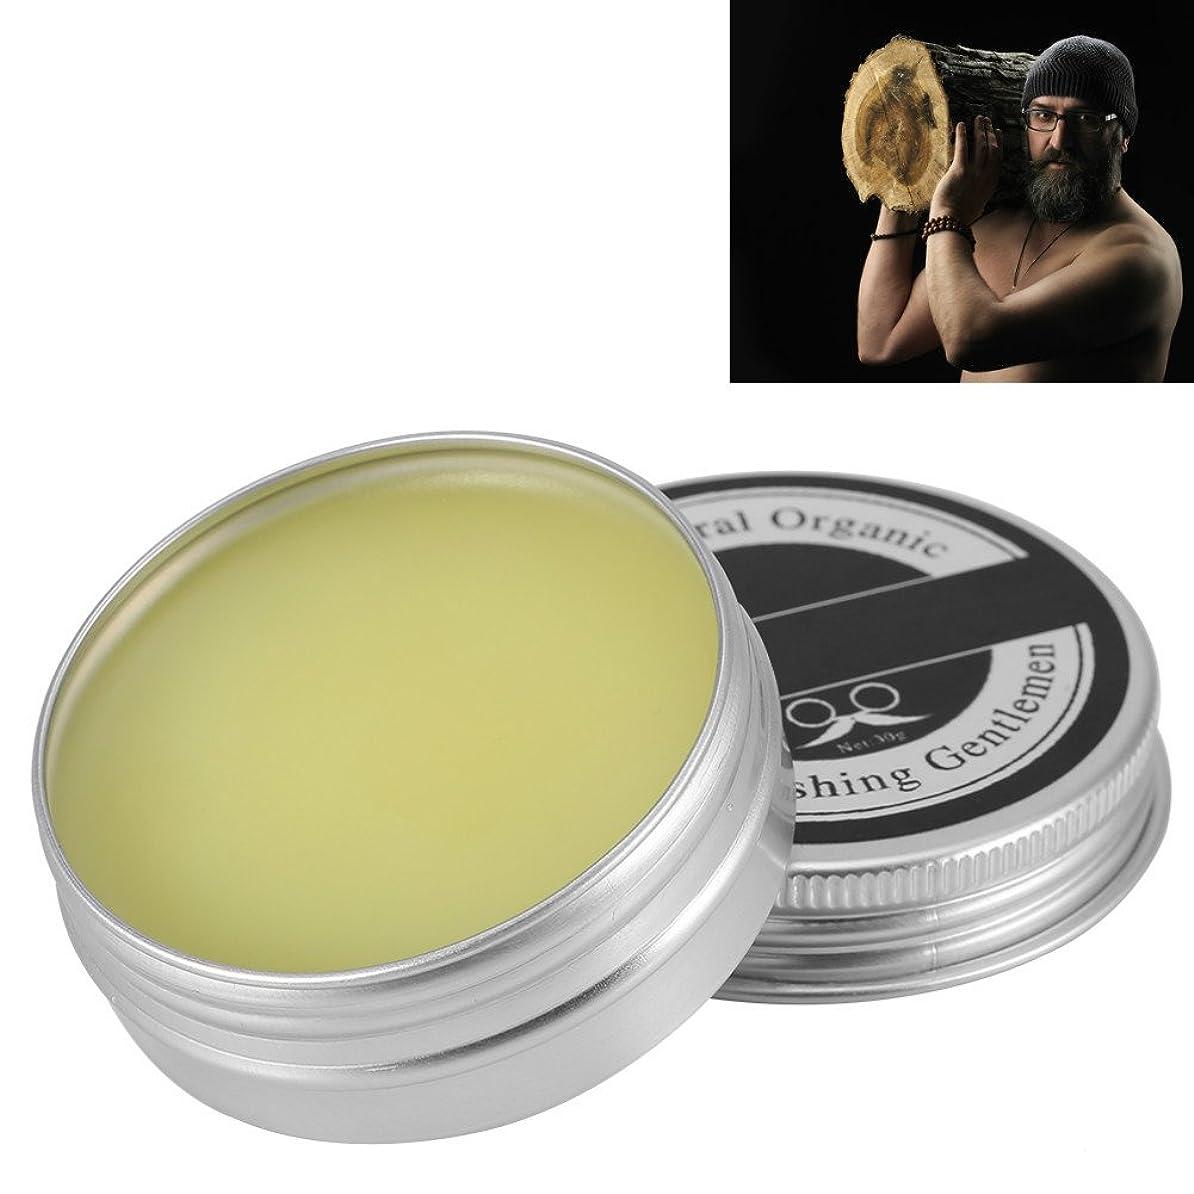 直径適合しました抑圧者メンズひげワックス  ひげクリーム 口髭用ワックス  保湿/滋養/ひげ根のケアなどの効果  ひげケア必需品 携帯便利